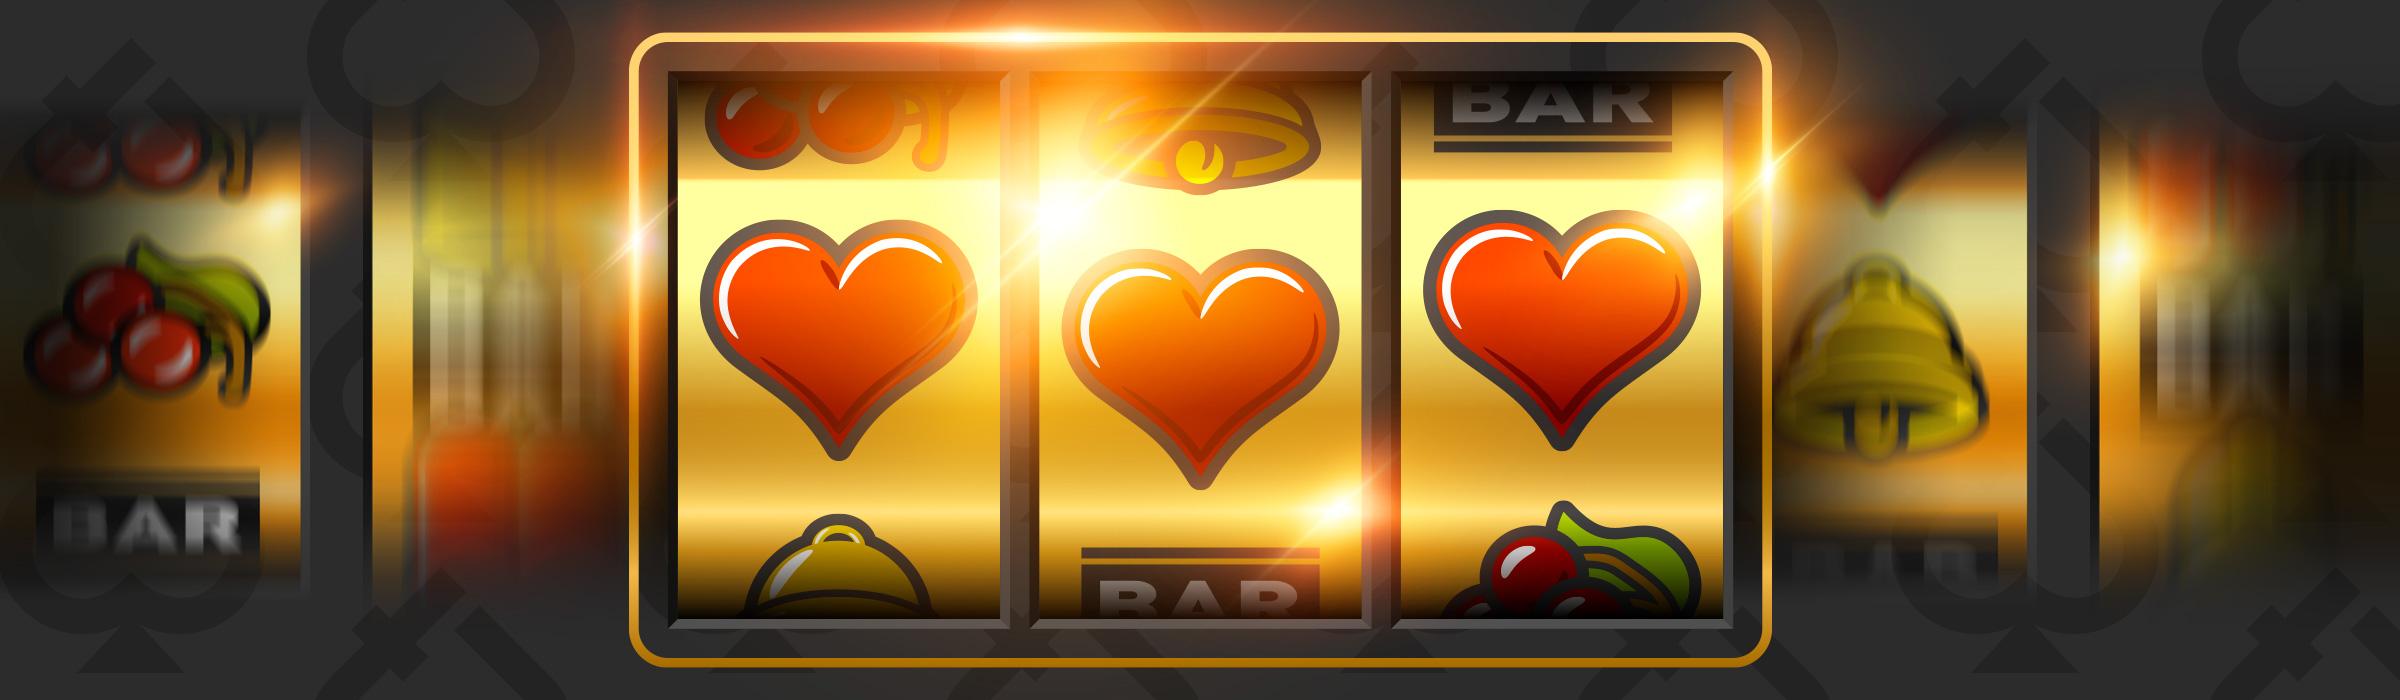 Slots gratis spielen!